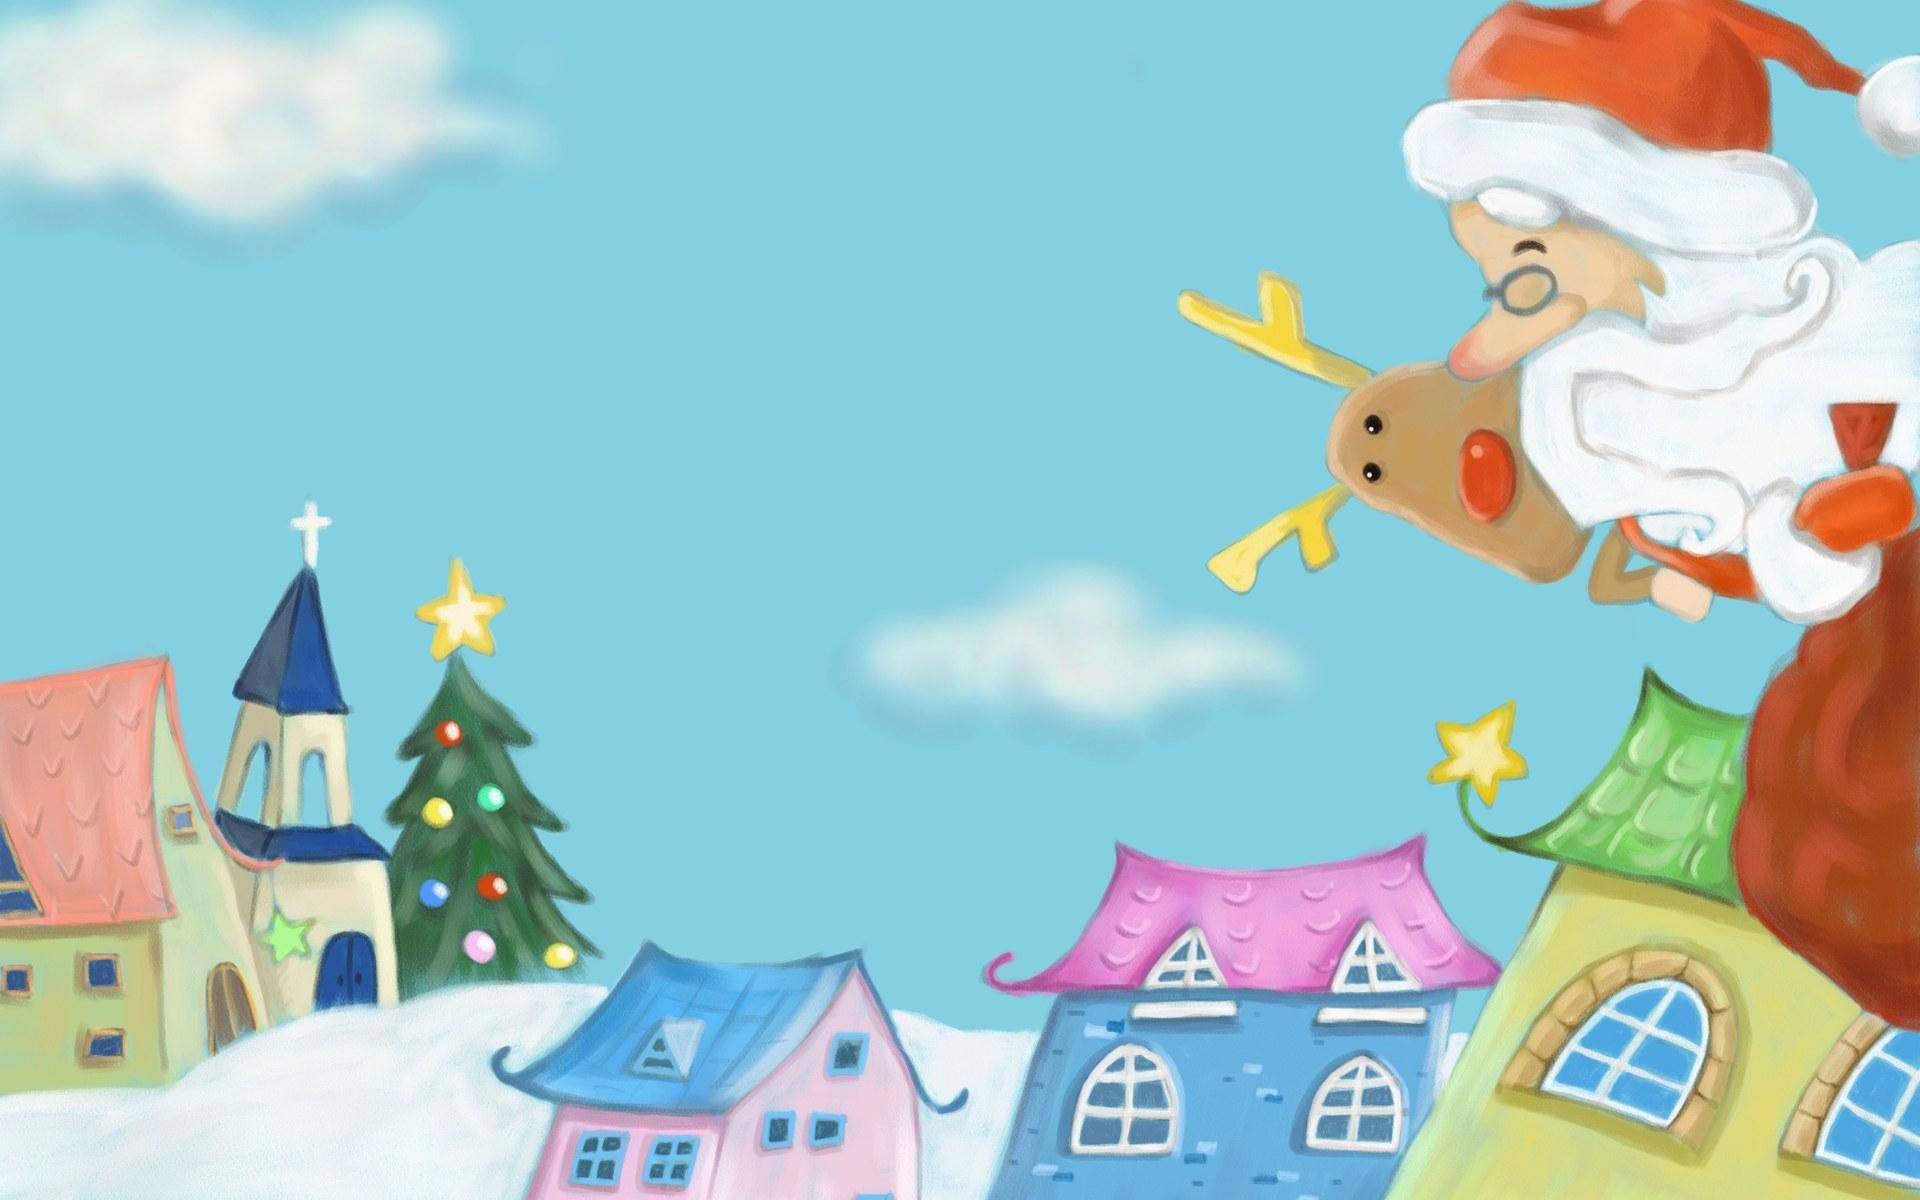 Cute Cartoon Christmas Wallpaper Wallpapersafari